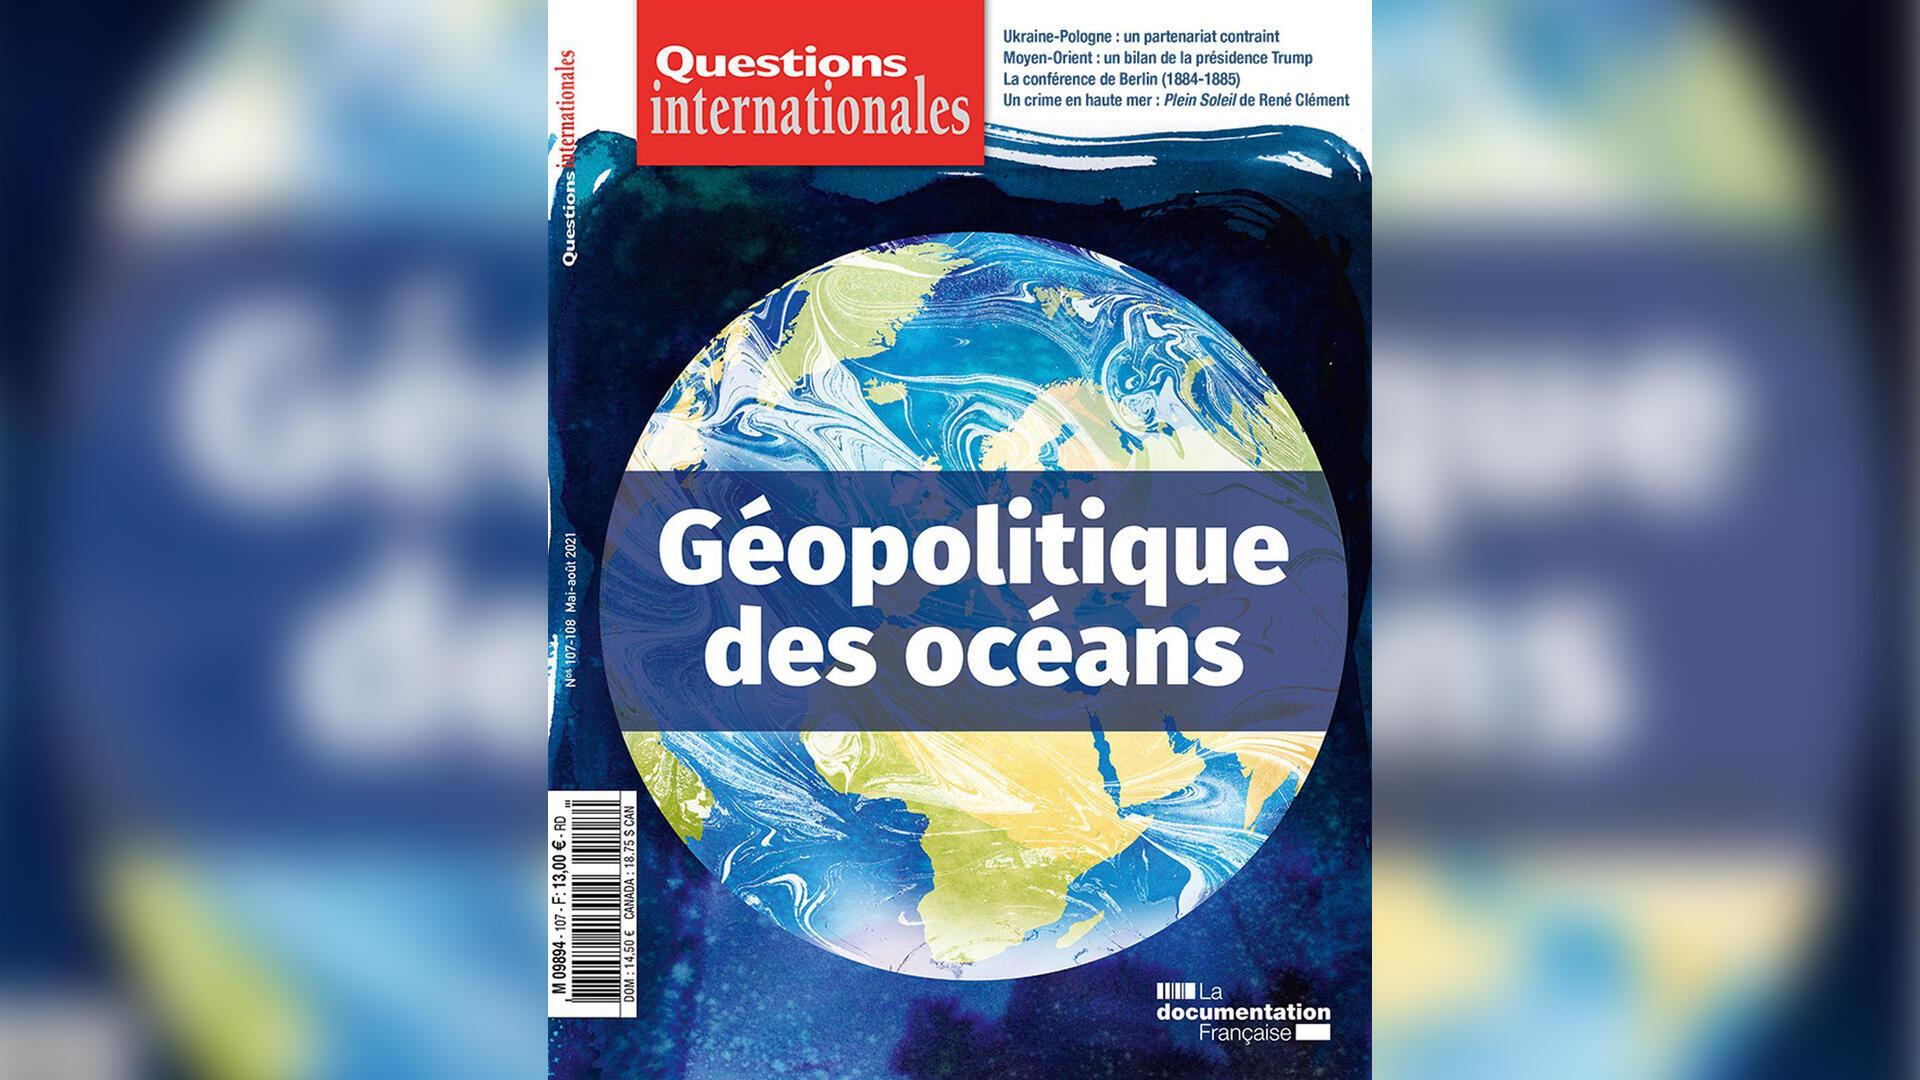 Couverture - Questions internationales - Géopolitique des océans - Géopolitique le débat 18 septembre 2021